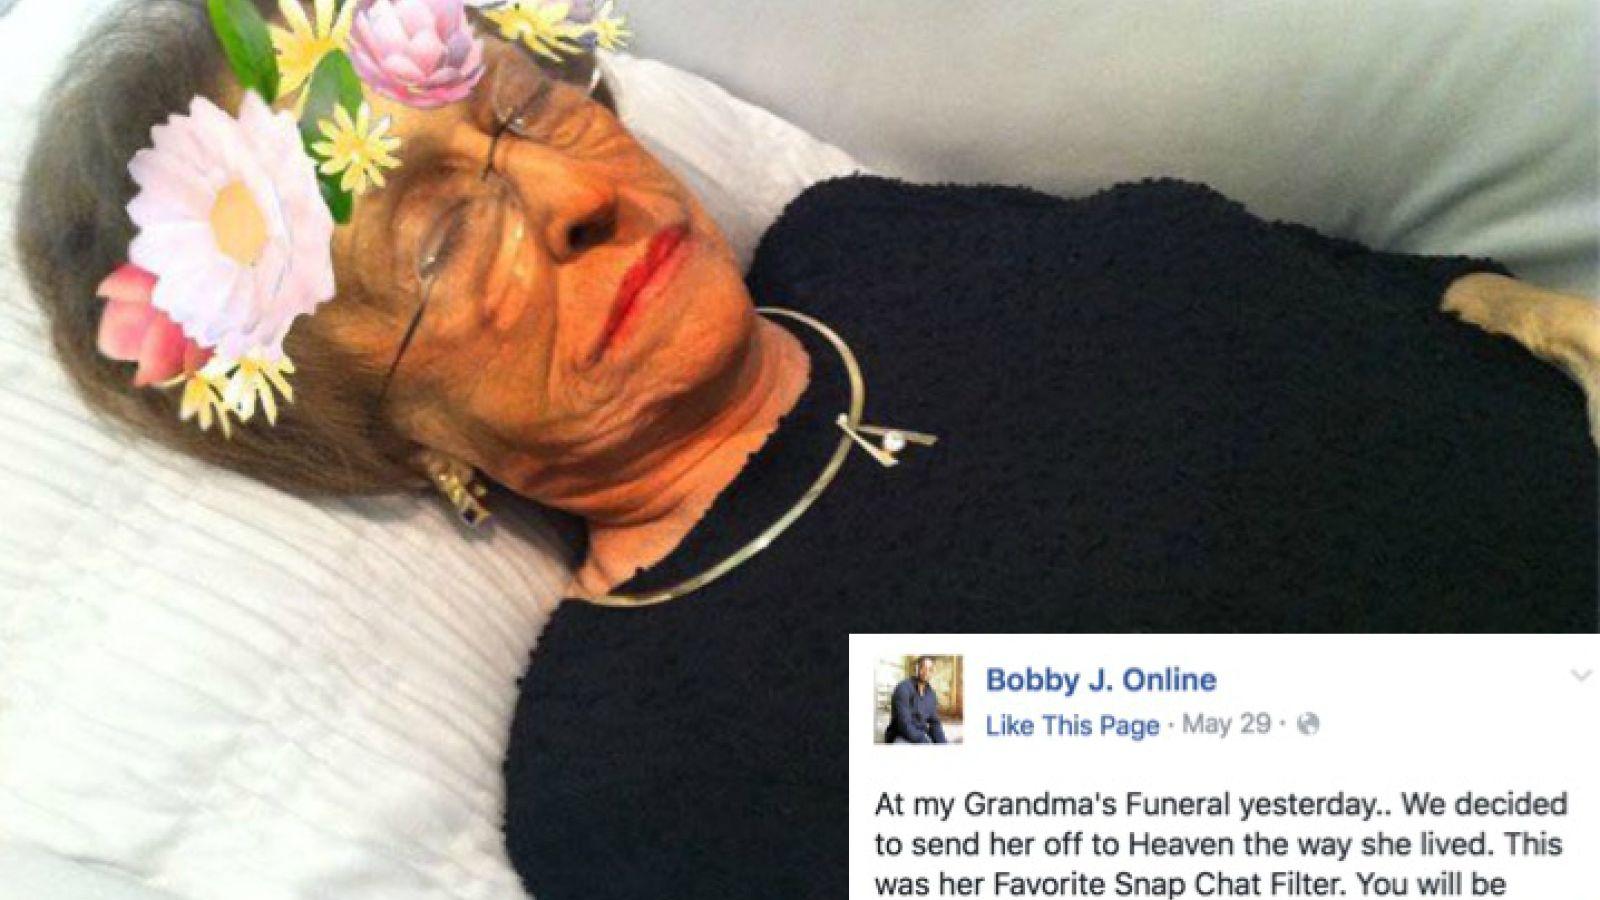 Mốt mới: Livestream đám tang cho bạn bè Facebook cùng xem - Ảnh 1.